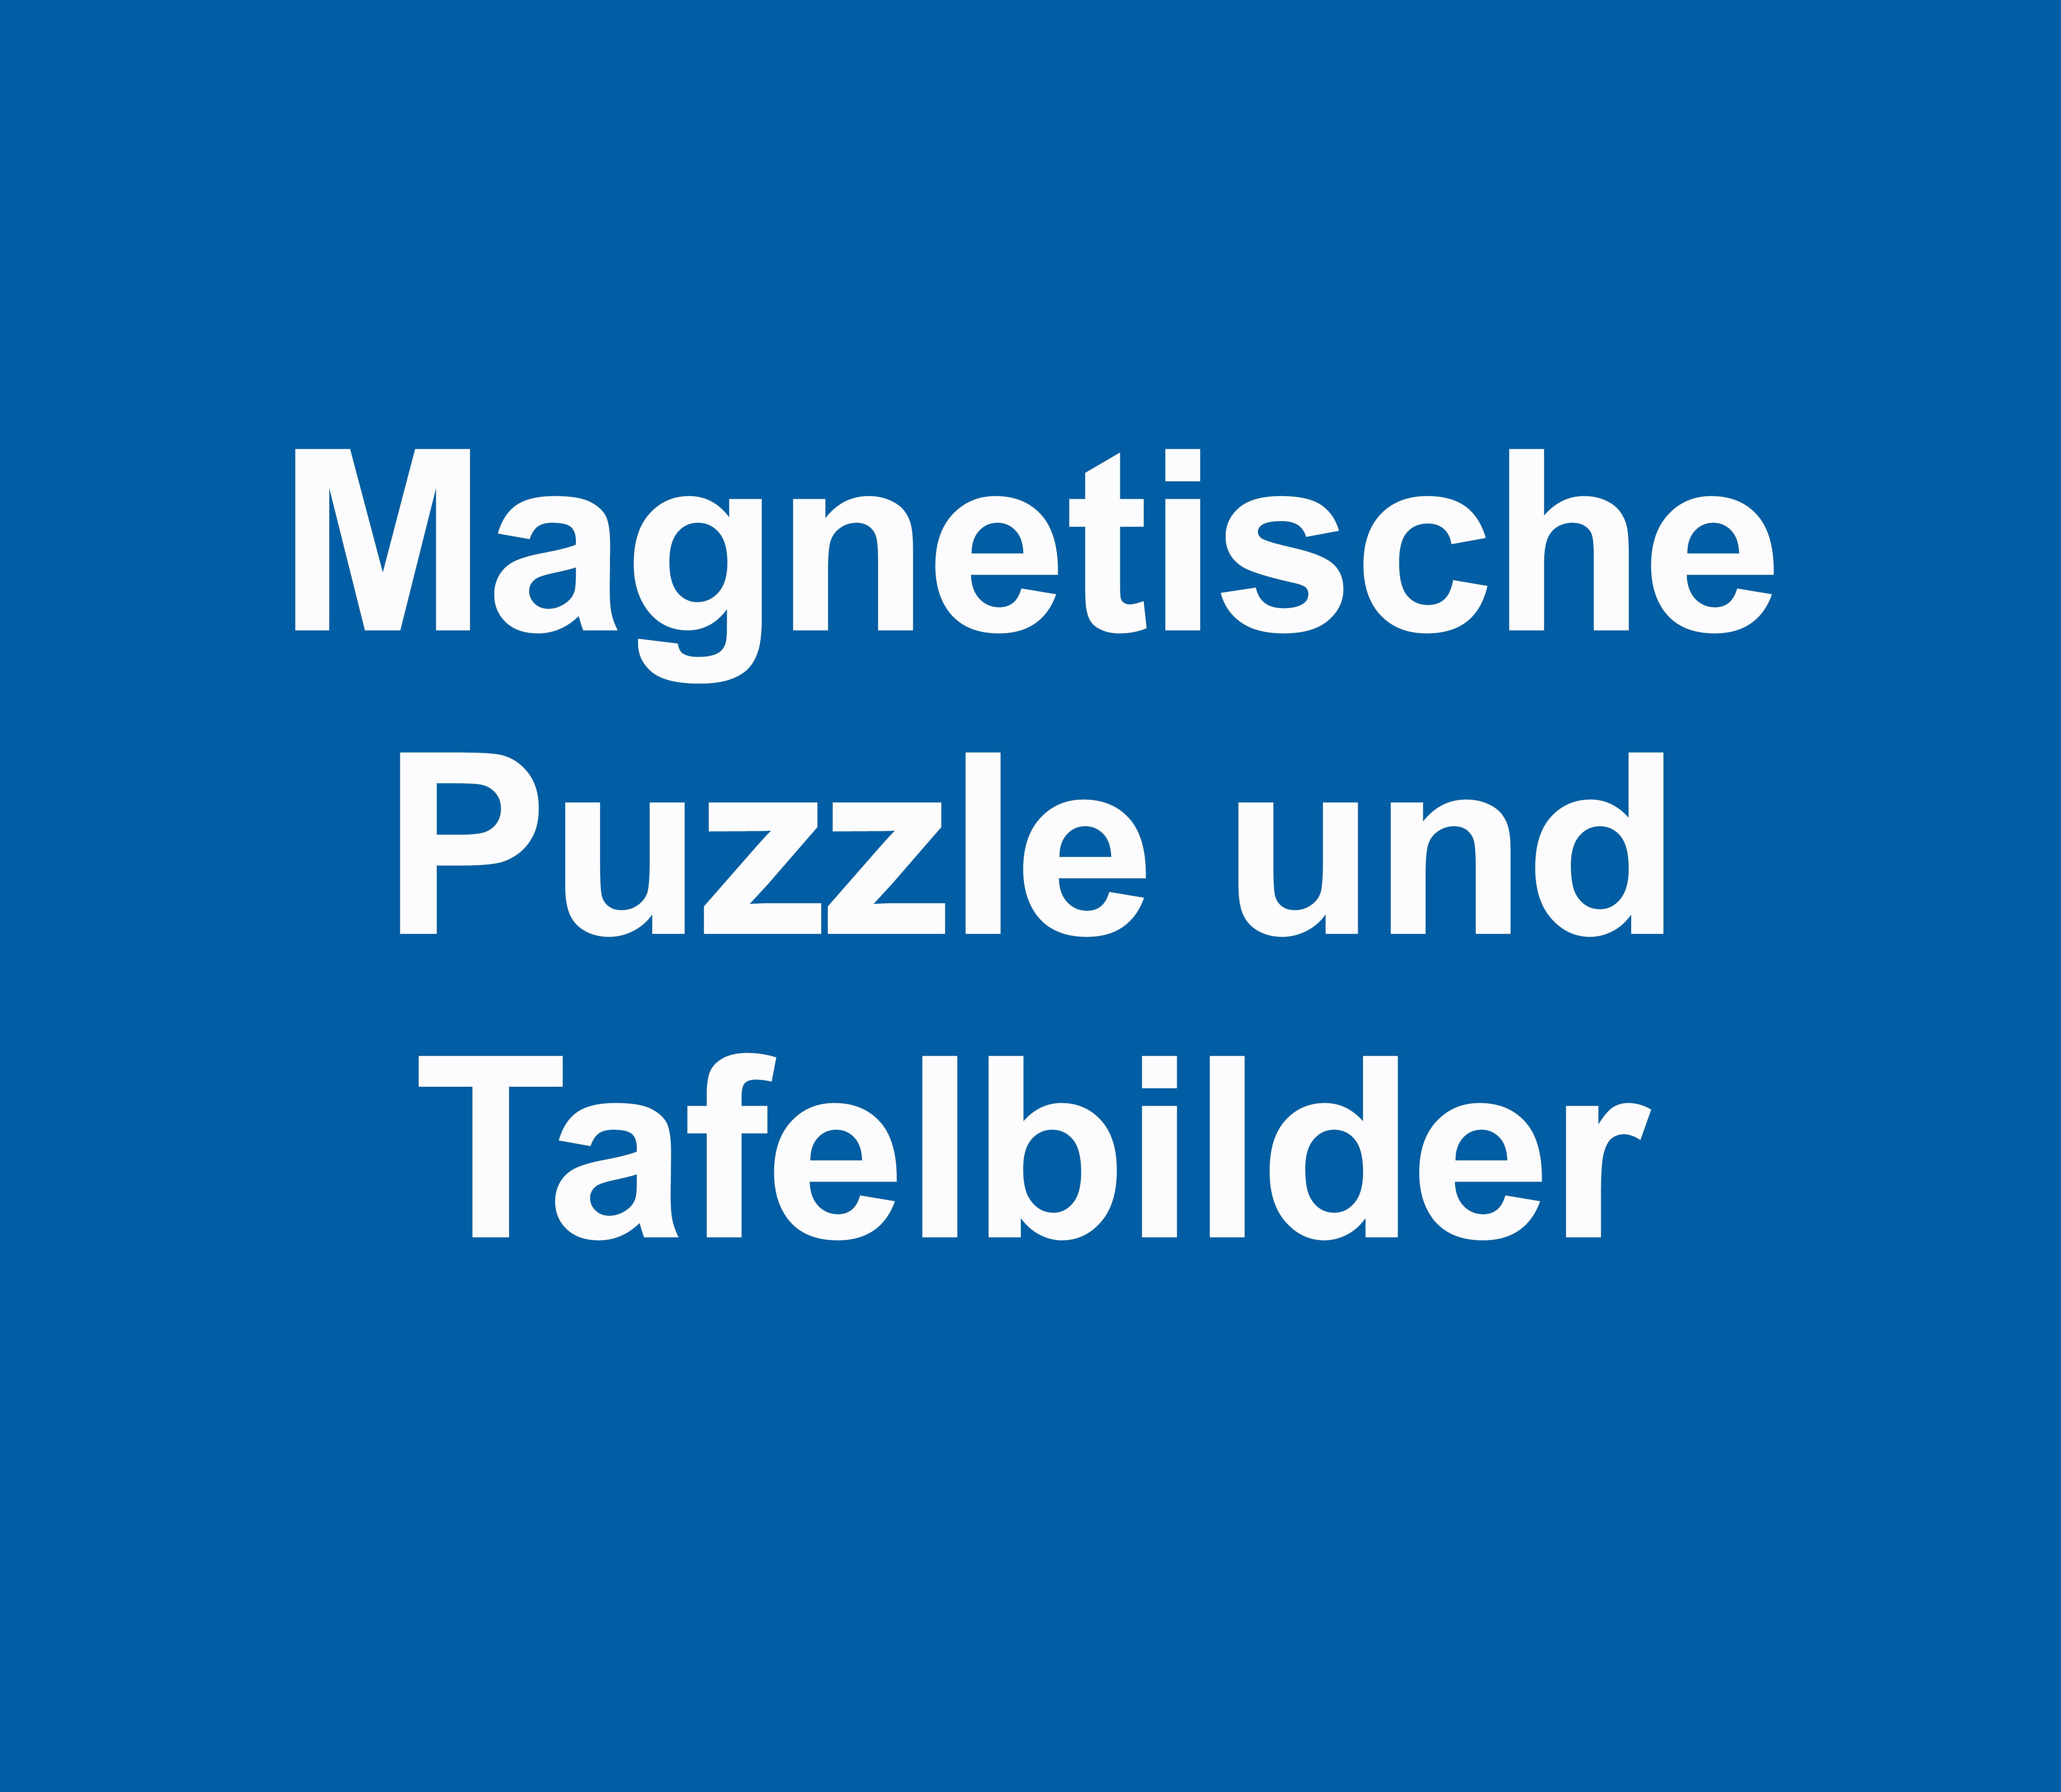 Magnetische Puzzle und Tafelbilder